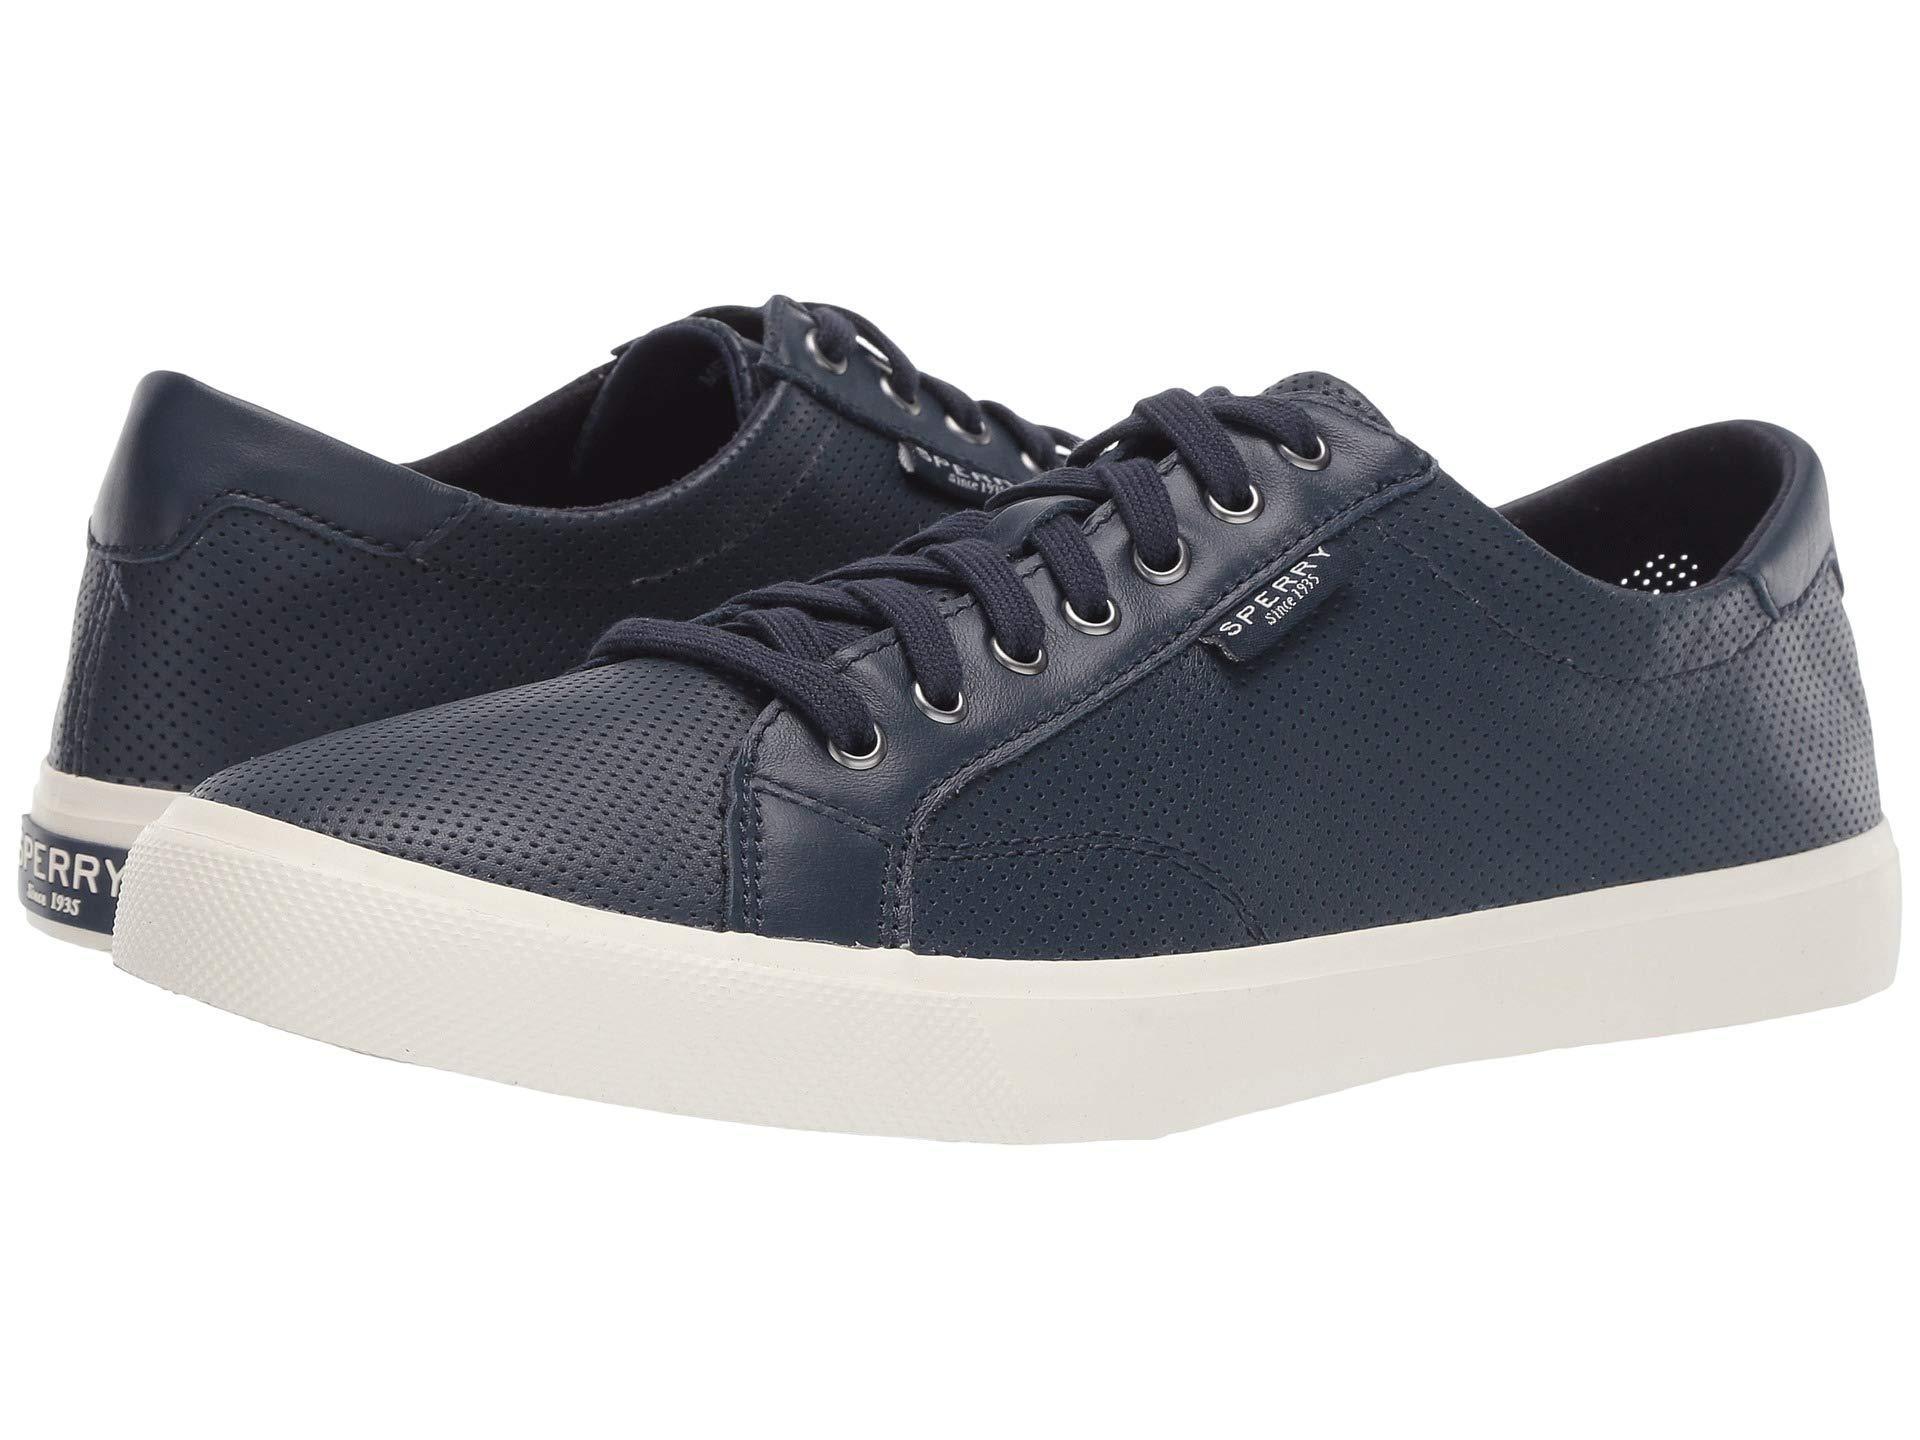 halpa hinta uk saatavuus verkkokauppa Blue Captain's Ltt Perf (brown) Men's Shoes